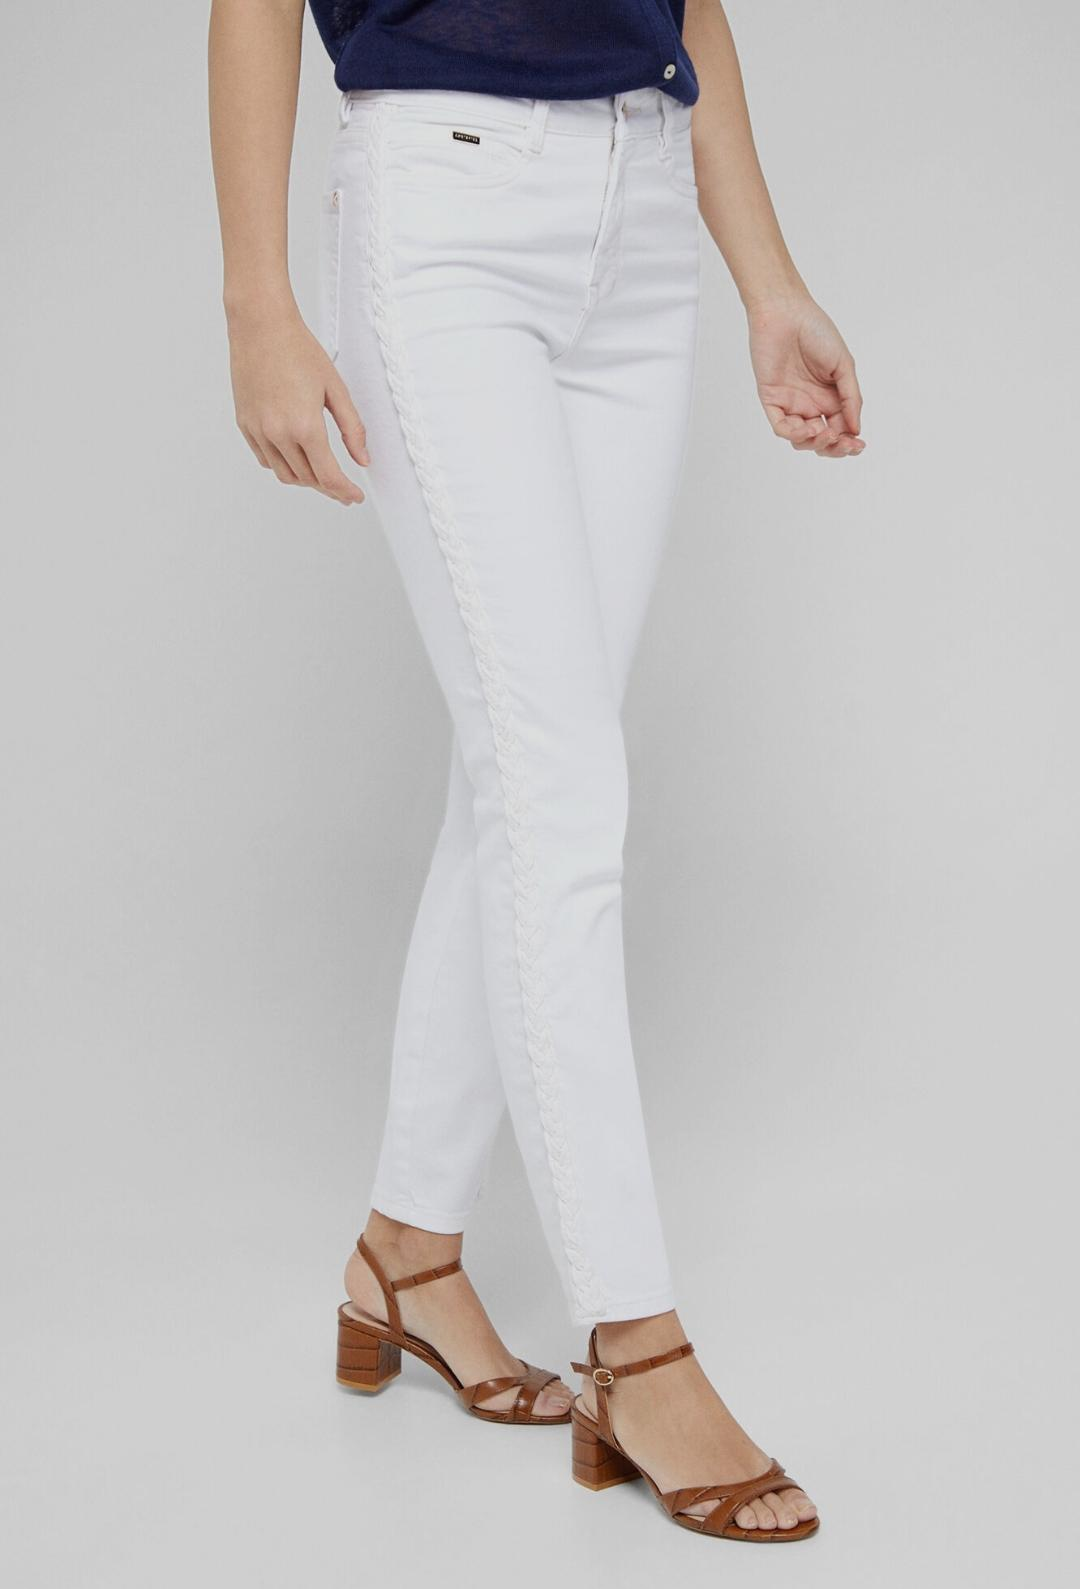 Pantalón pitillo de tiro medio. Detalle de trenzas en las costuras laterales. Prenda confeccionada mediante lavado sostenible.